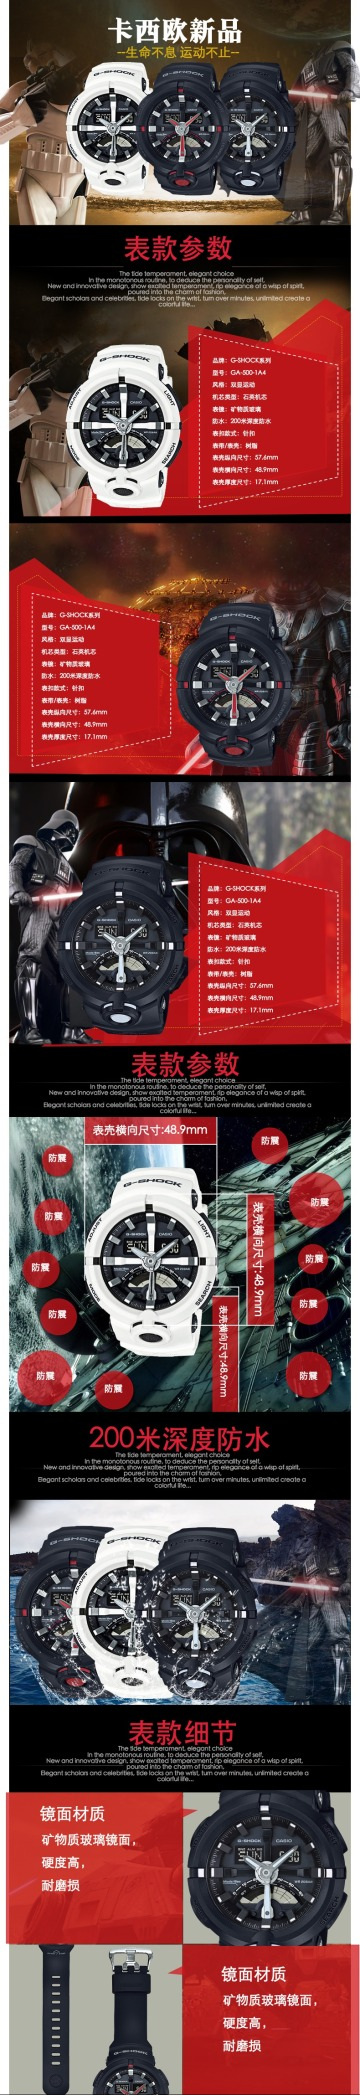 黑色时尚炫酷电商手表宣传营销宝贝详情